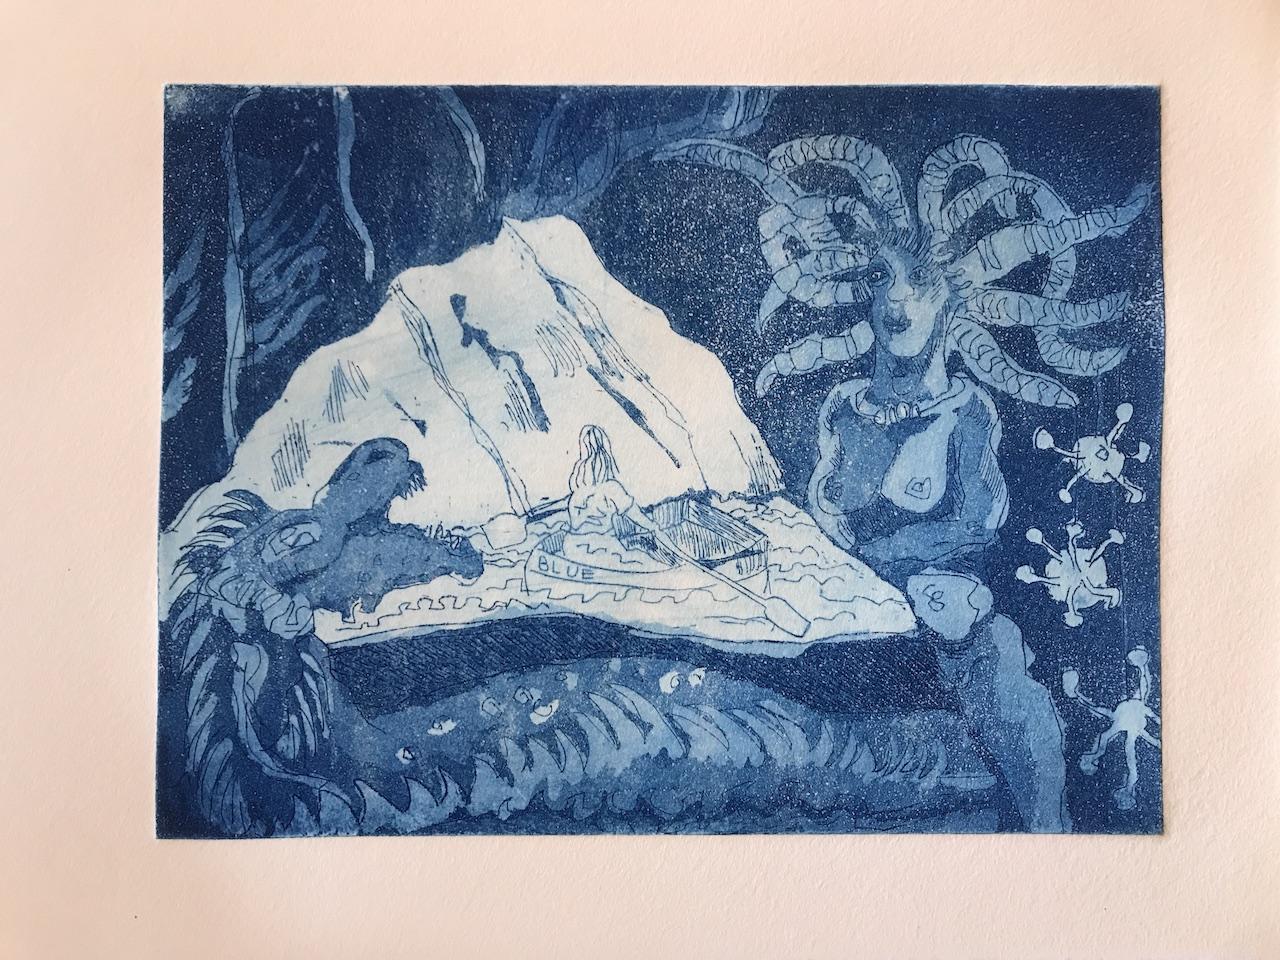 Die blaue Grotte, Version 2, 15 x 20 cm, Aquatinta von Susanne Haun (c) VG Bild-Kunst, Bonn 2020.JPG